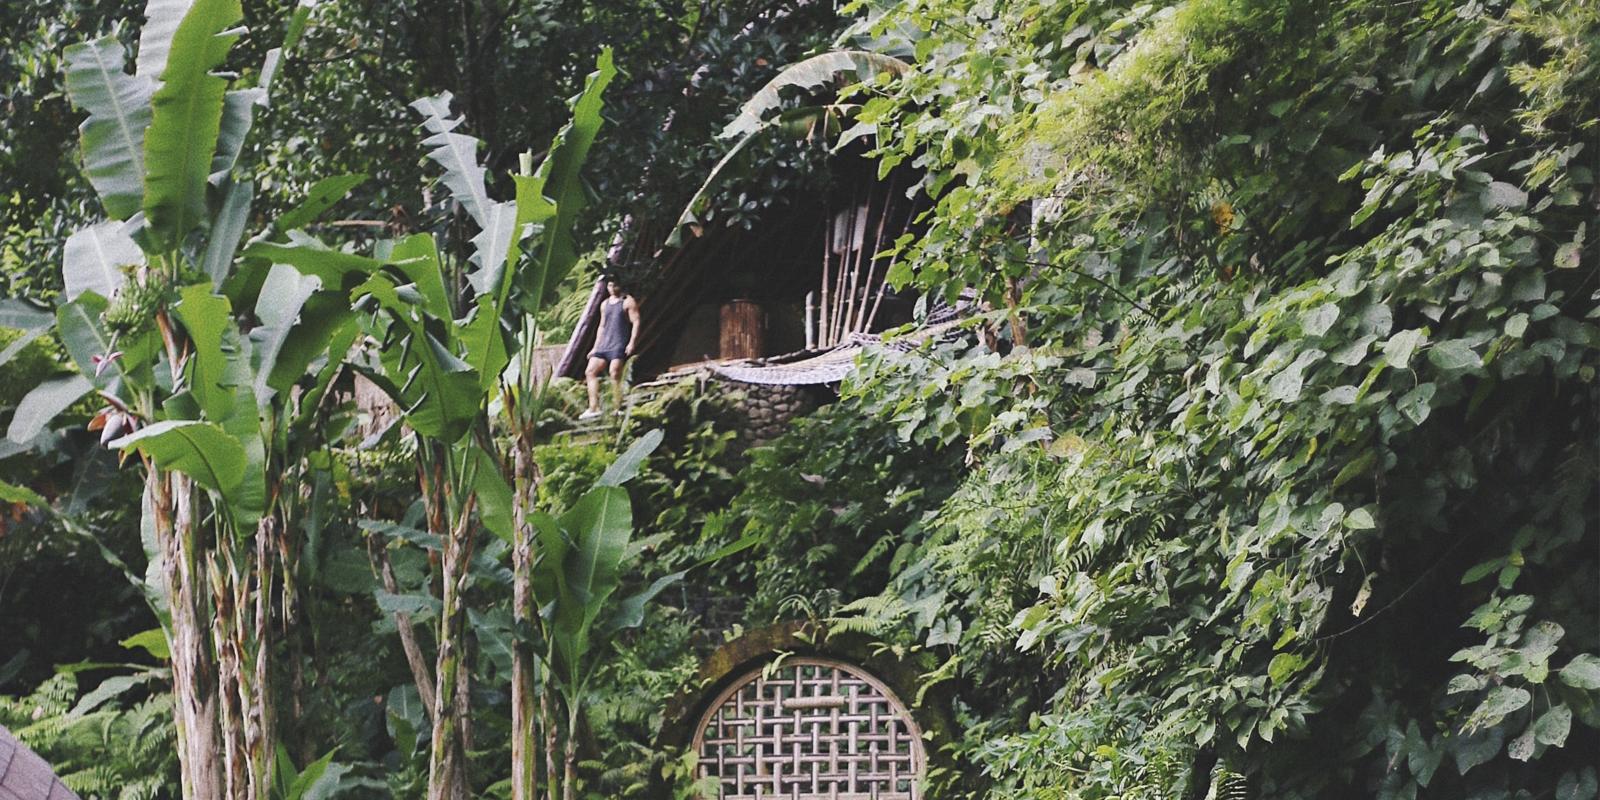 alojamiento ecologico respetuoso con la naturaleza